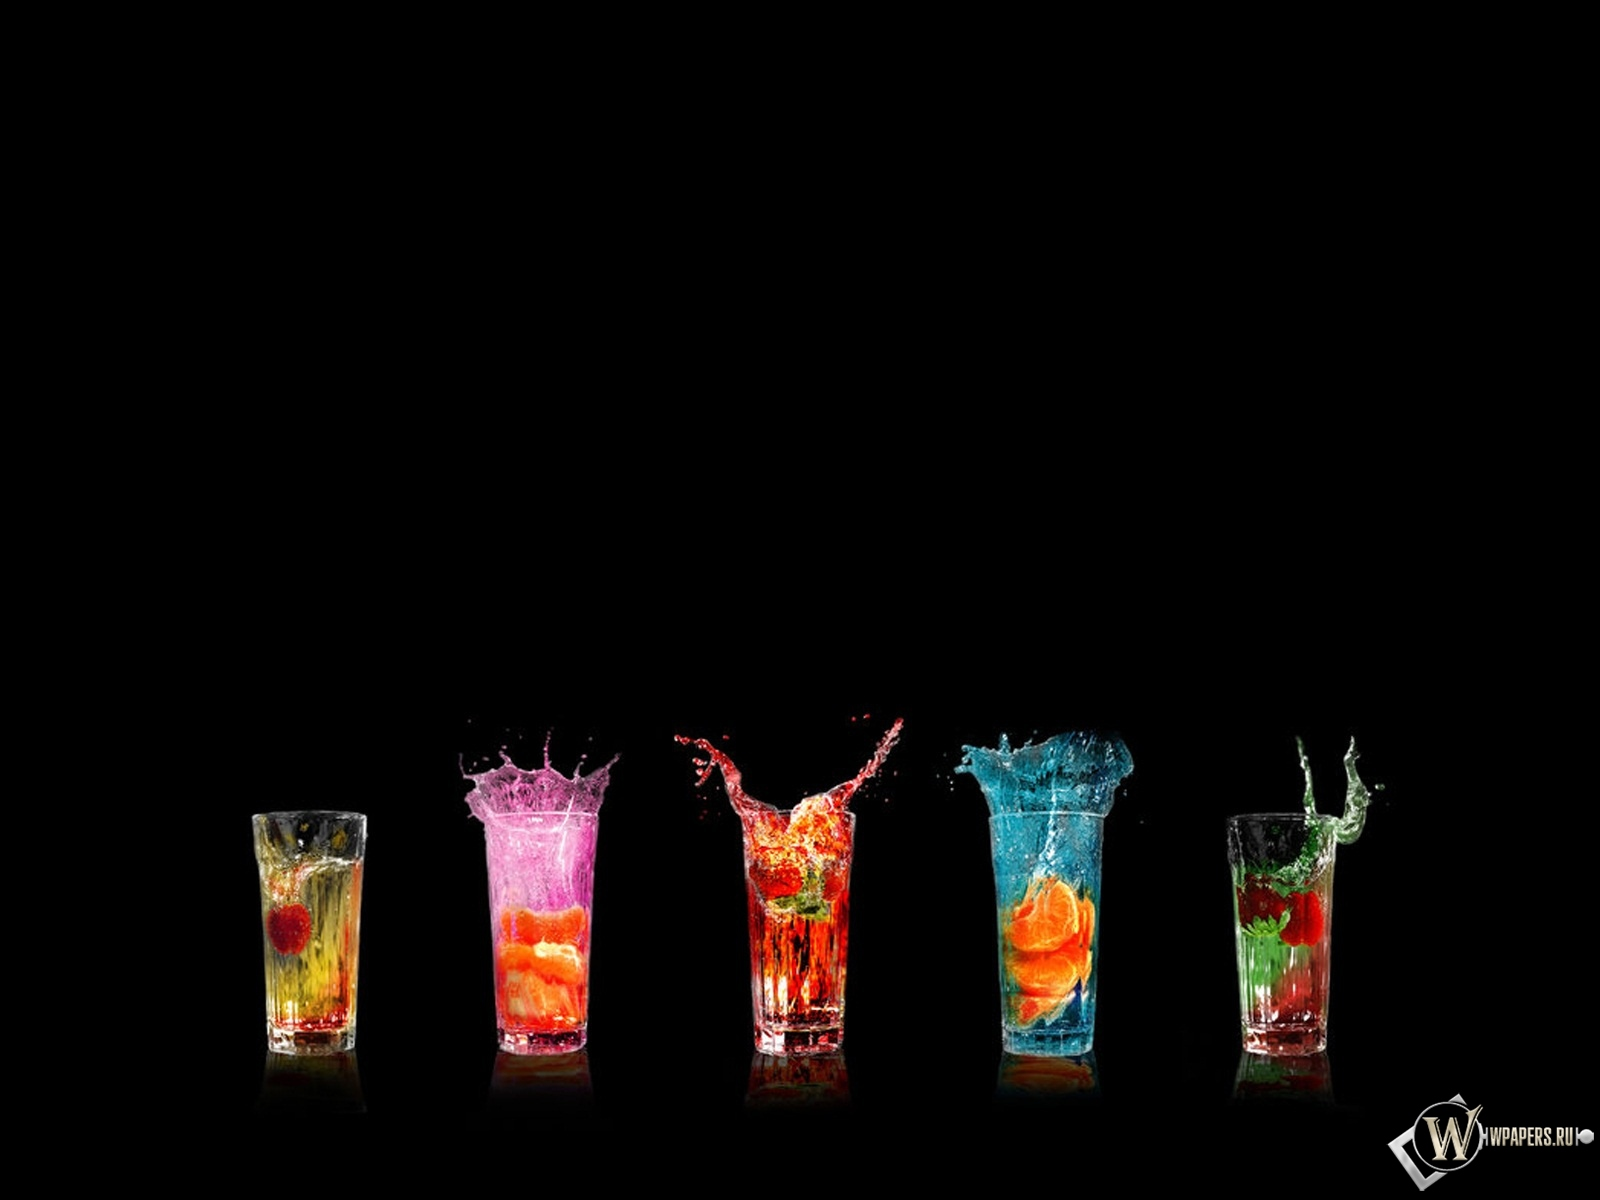 Разноцветные коктейли 1600x1200